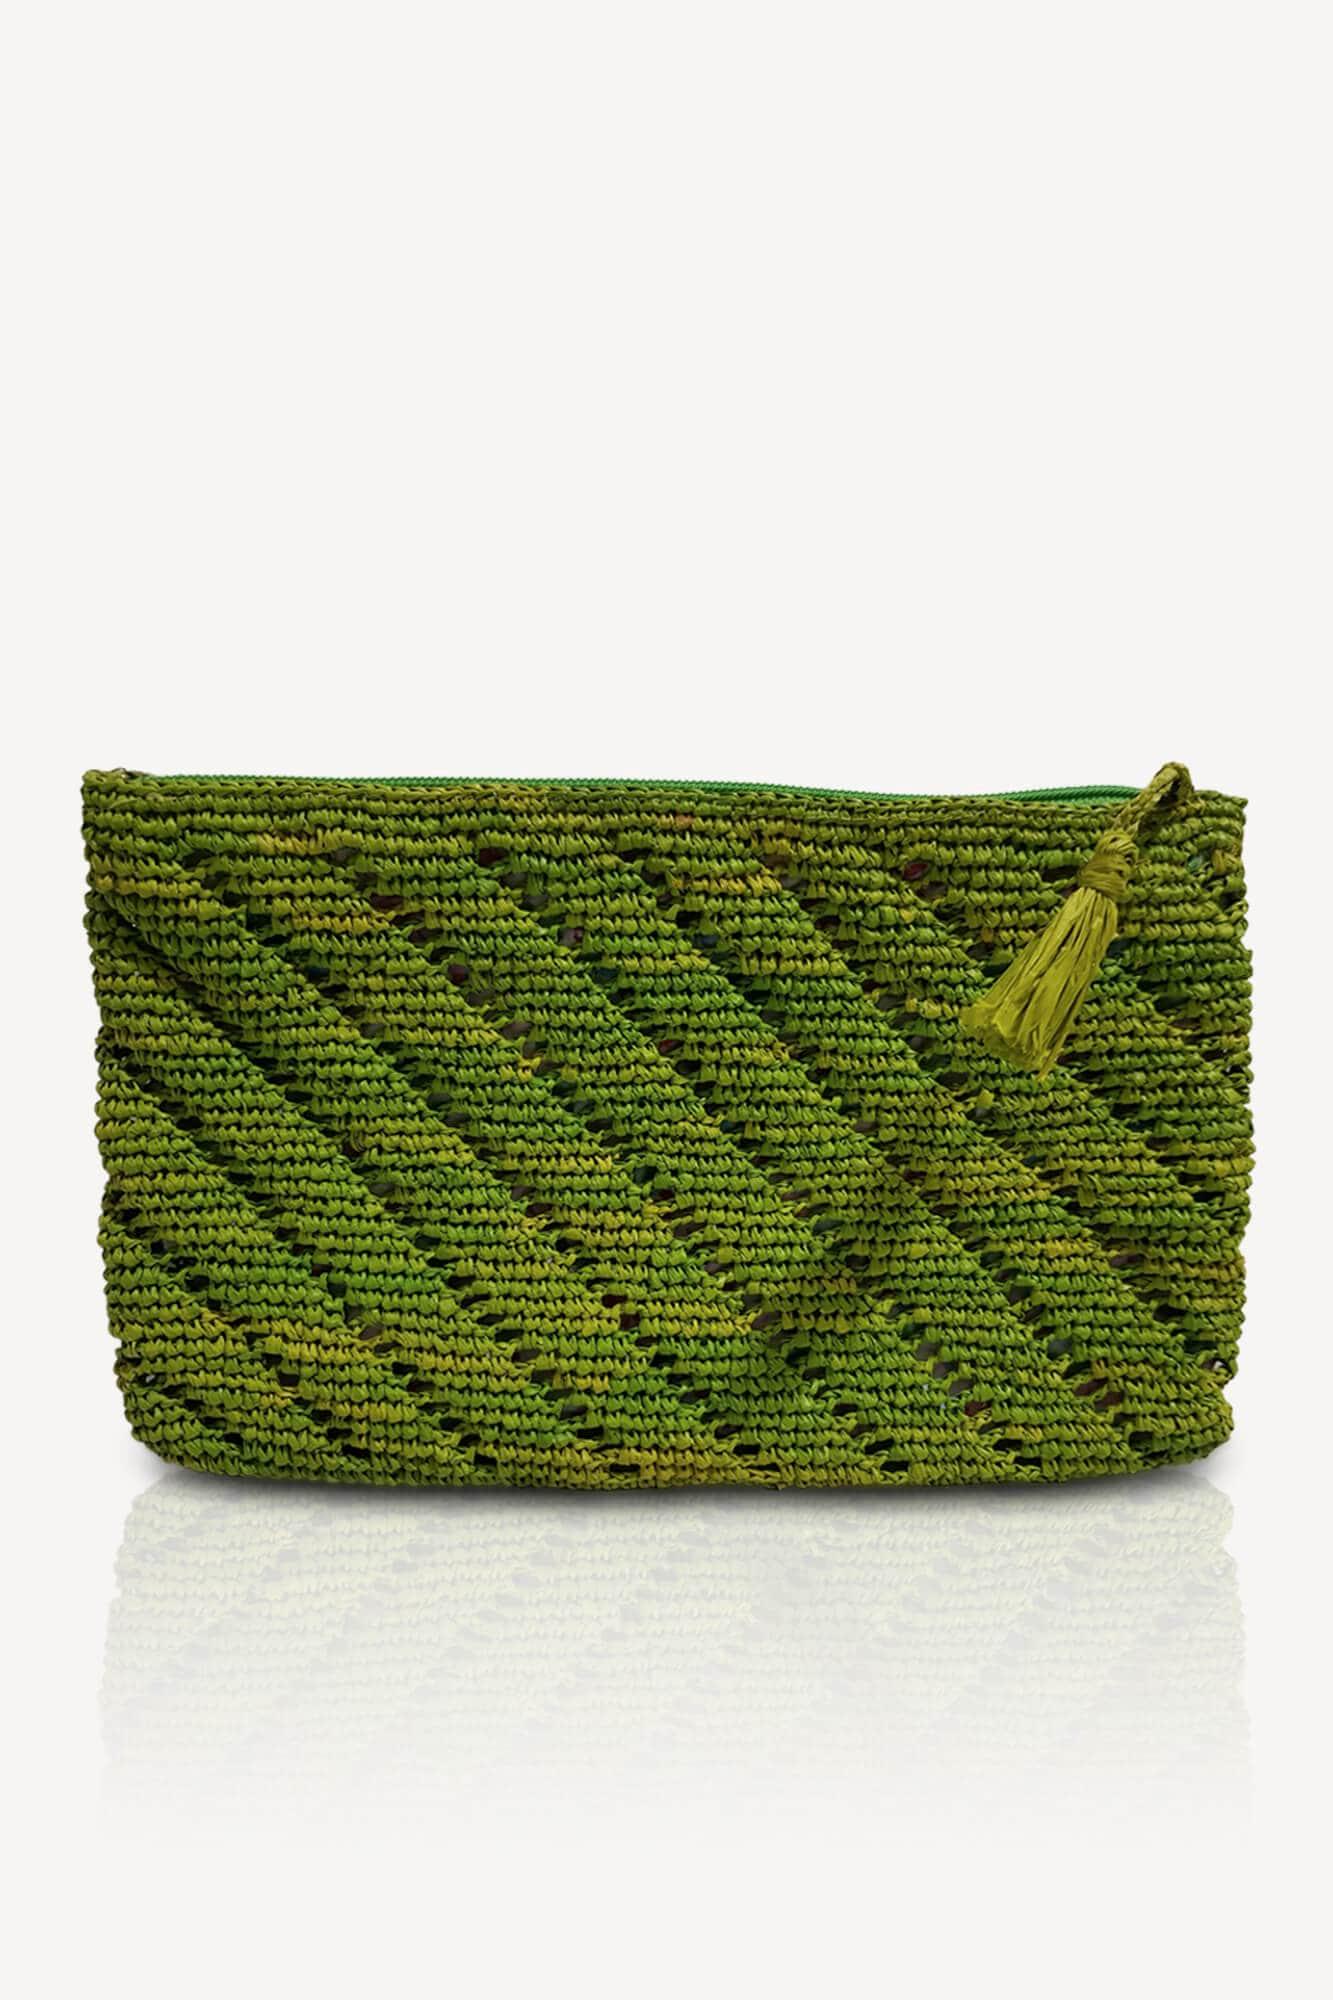 pochette plate verte en raphia avec motifs intérieur